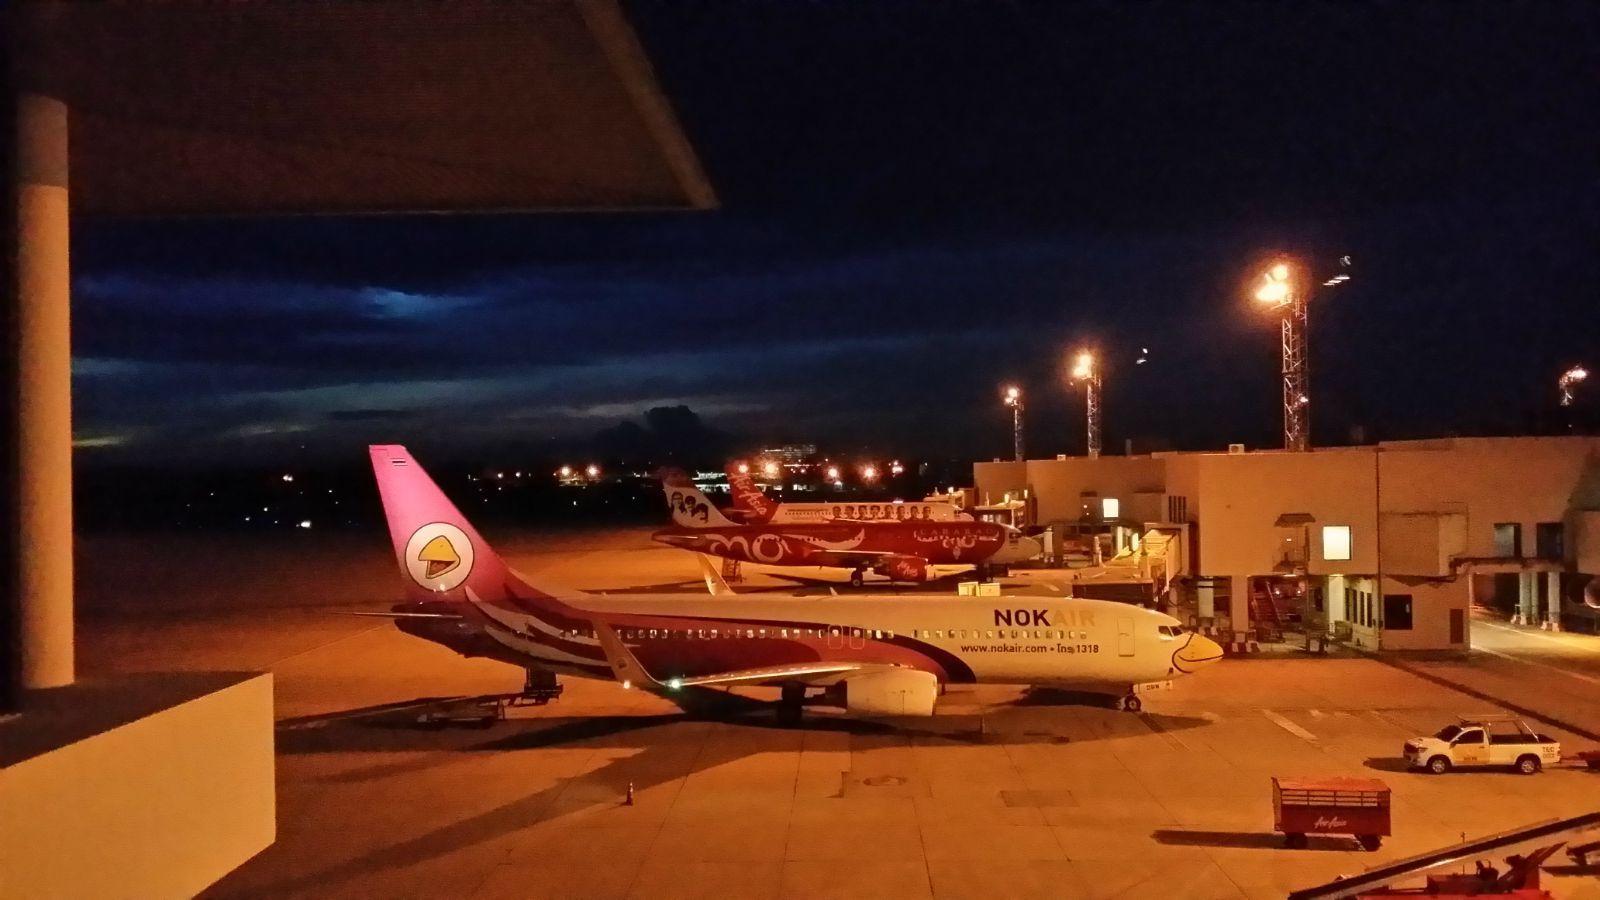 凌晨五点半的机场.为了赶到素叻他尼的飞机.